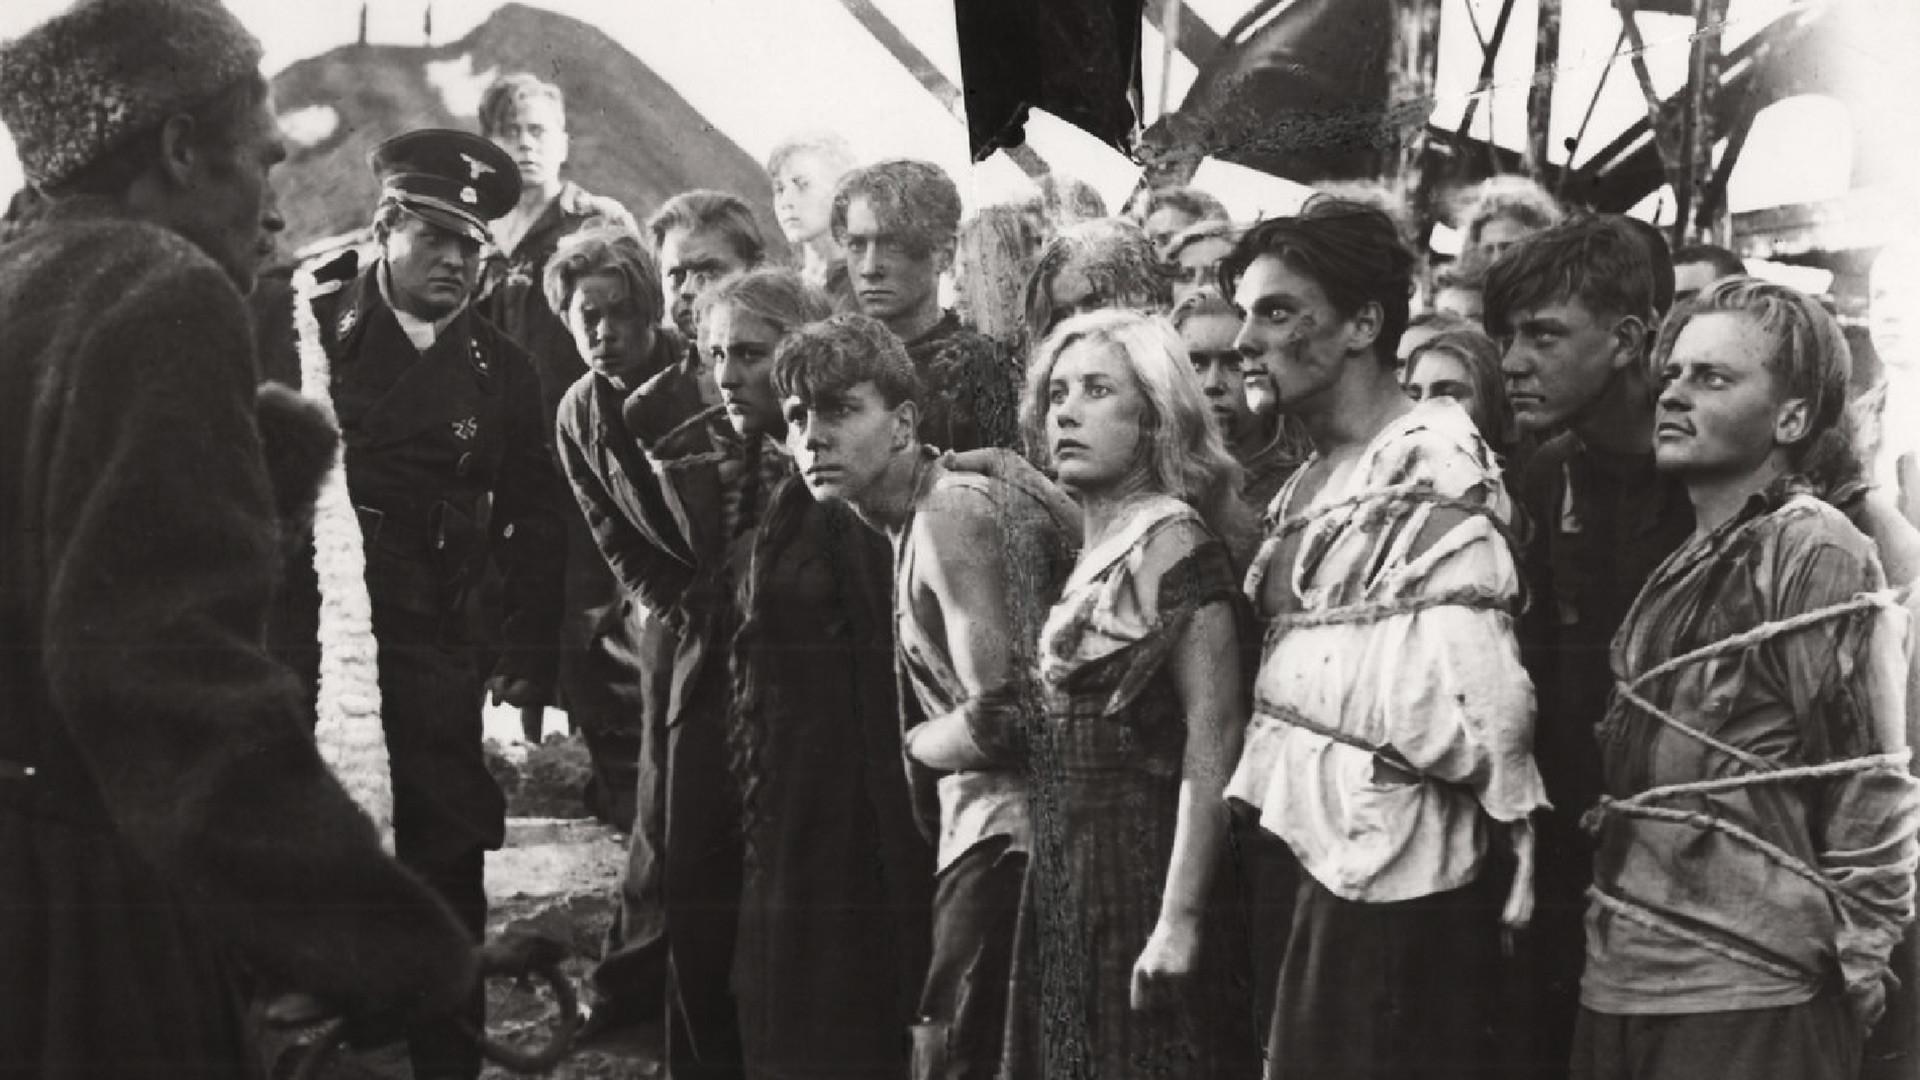 Музыку к фильму «Молодая гвардия» написал Дмитрий Шостакович. В фильме дебютировала юная Нонна Мордюкова